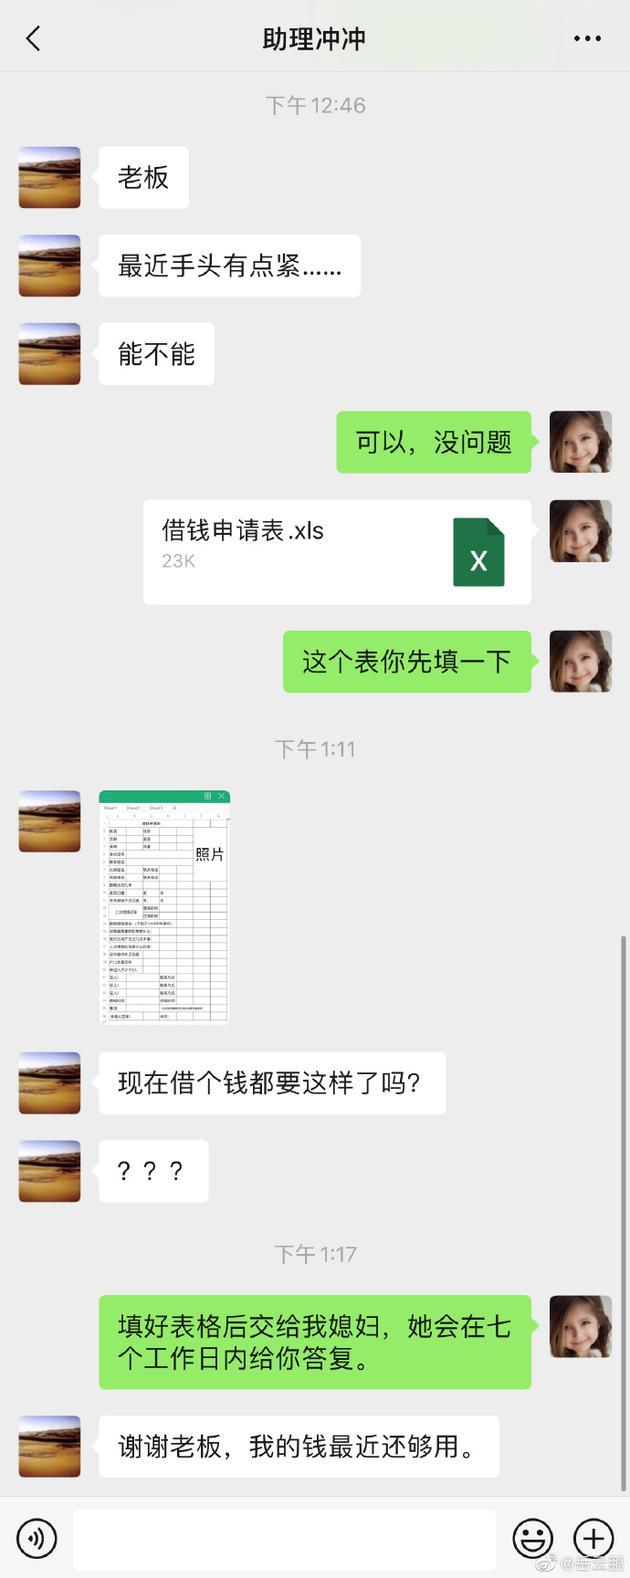 岳云鹏晒被借钱聊天记录